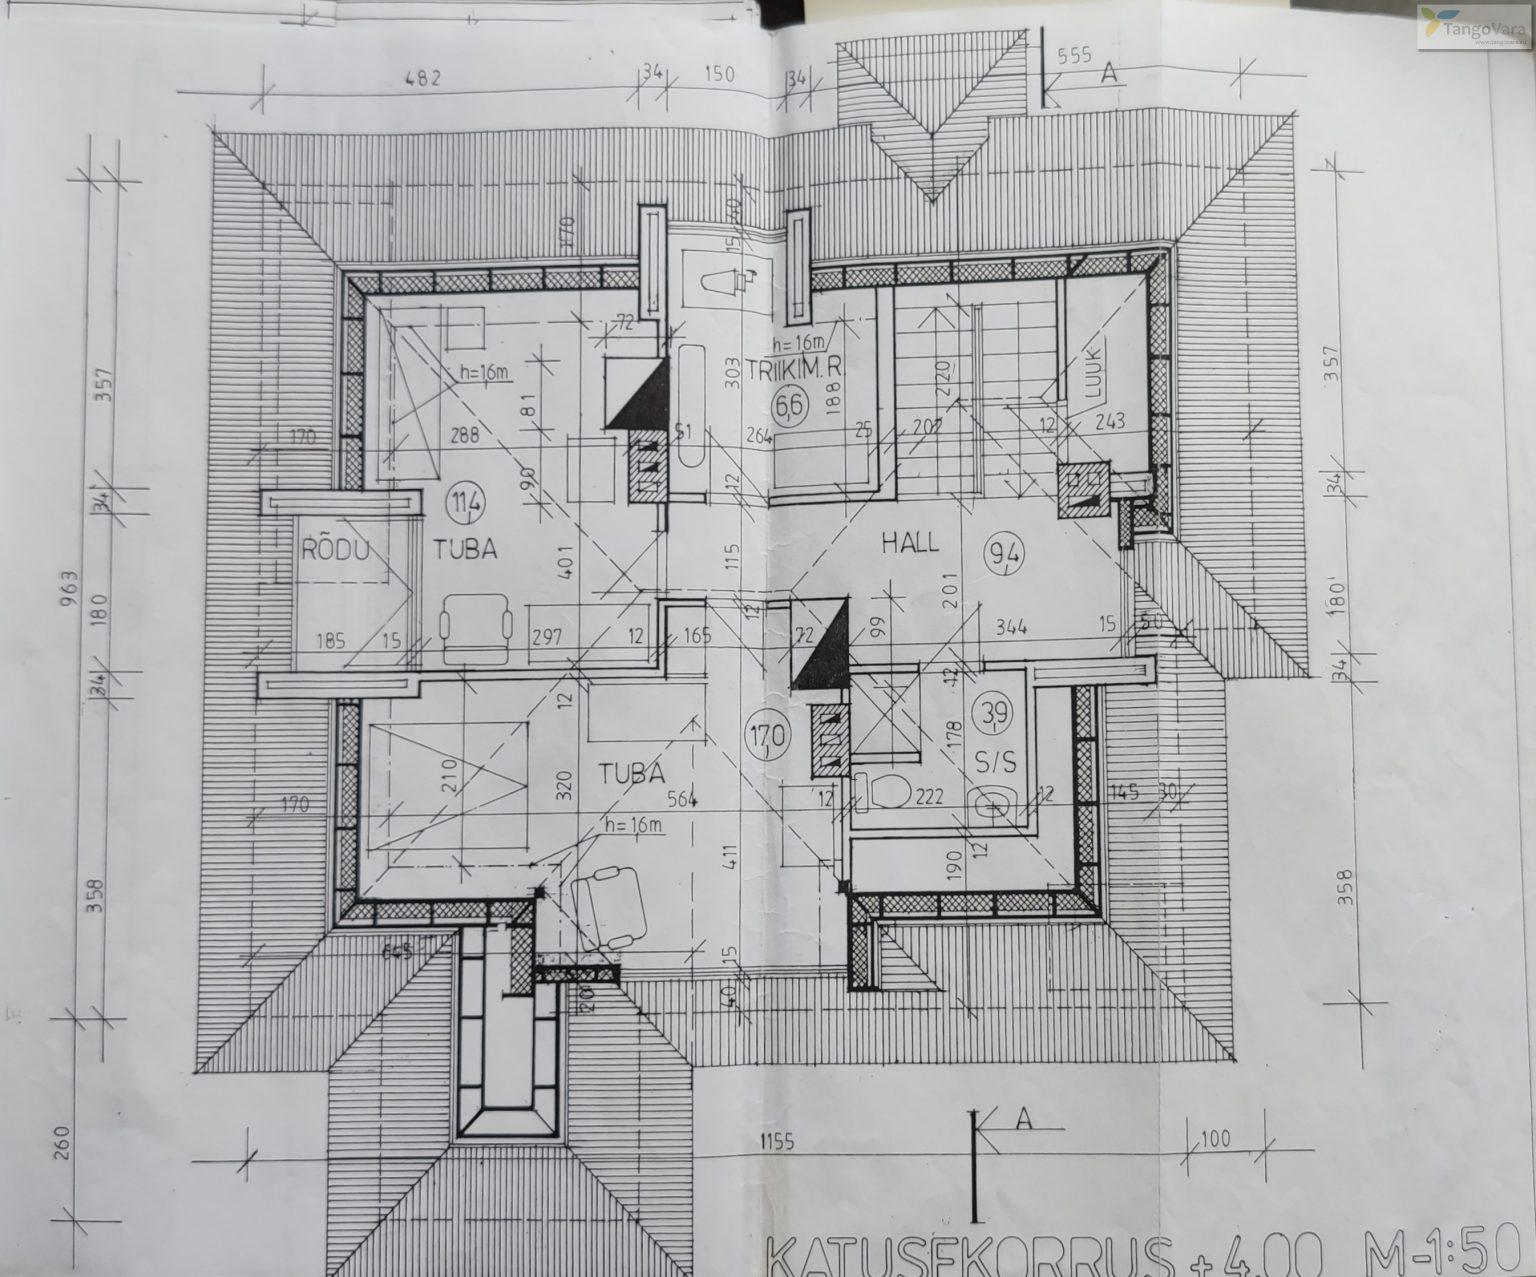 Looduskivi tee 4 katusekorrus